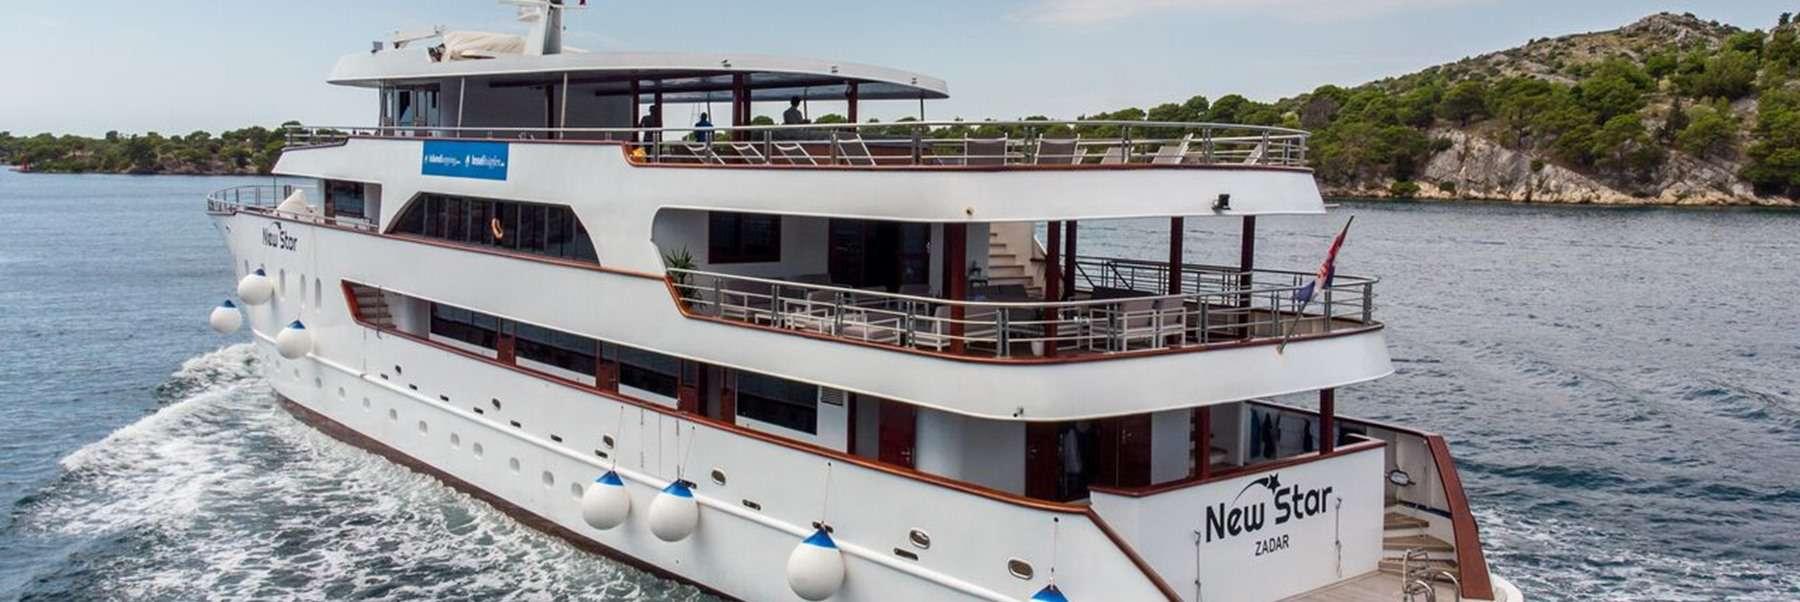 MV New Star, cruise ship, Croatia